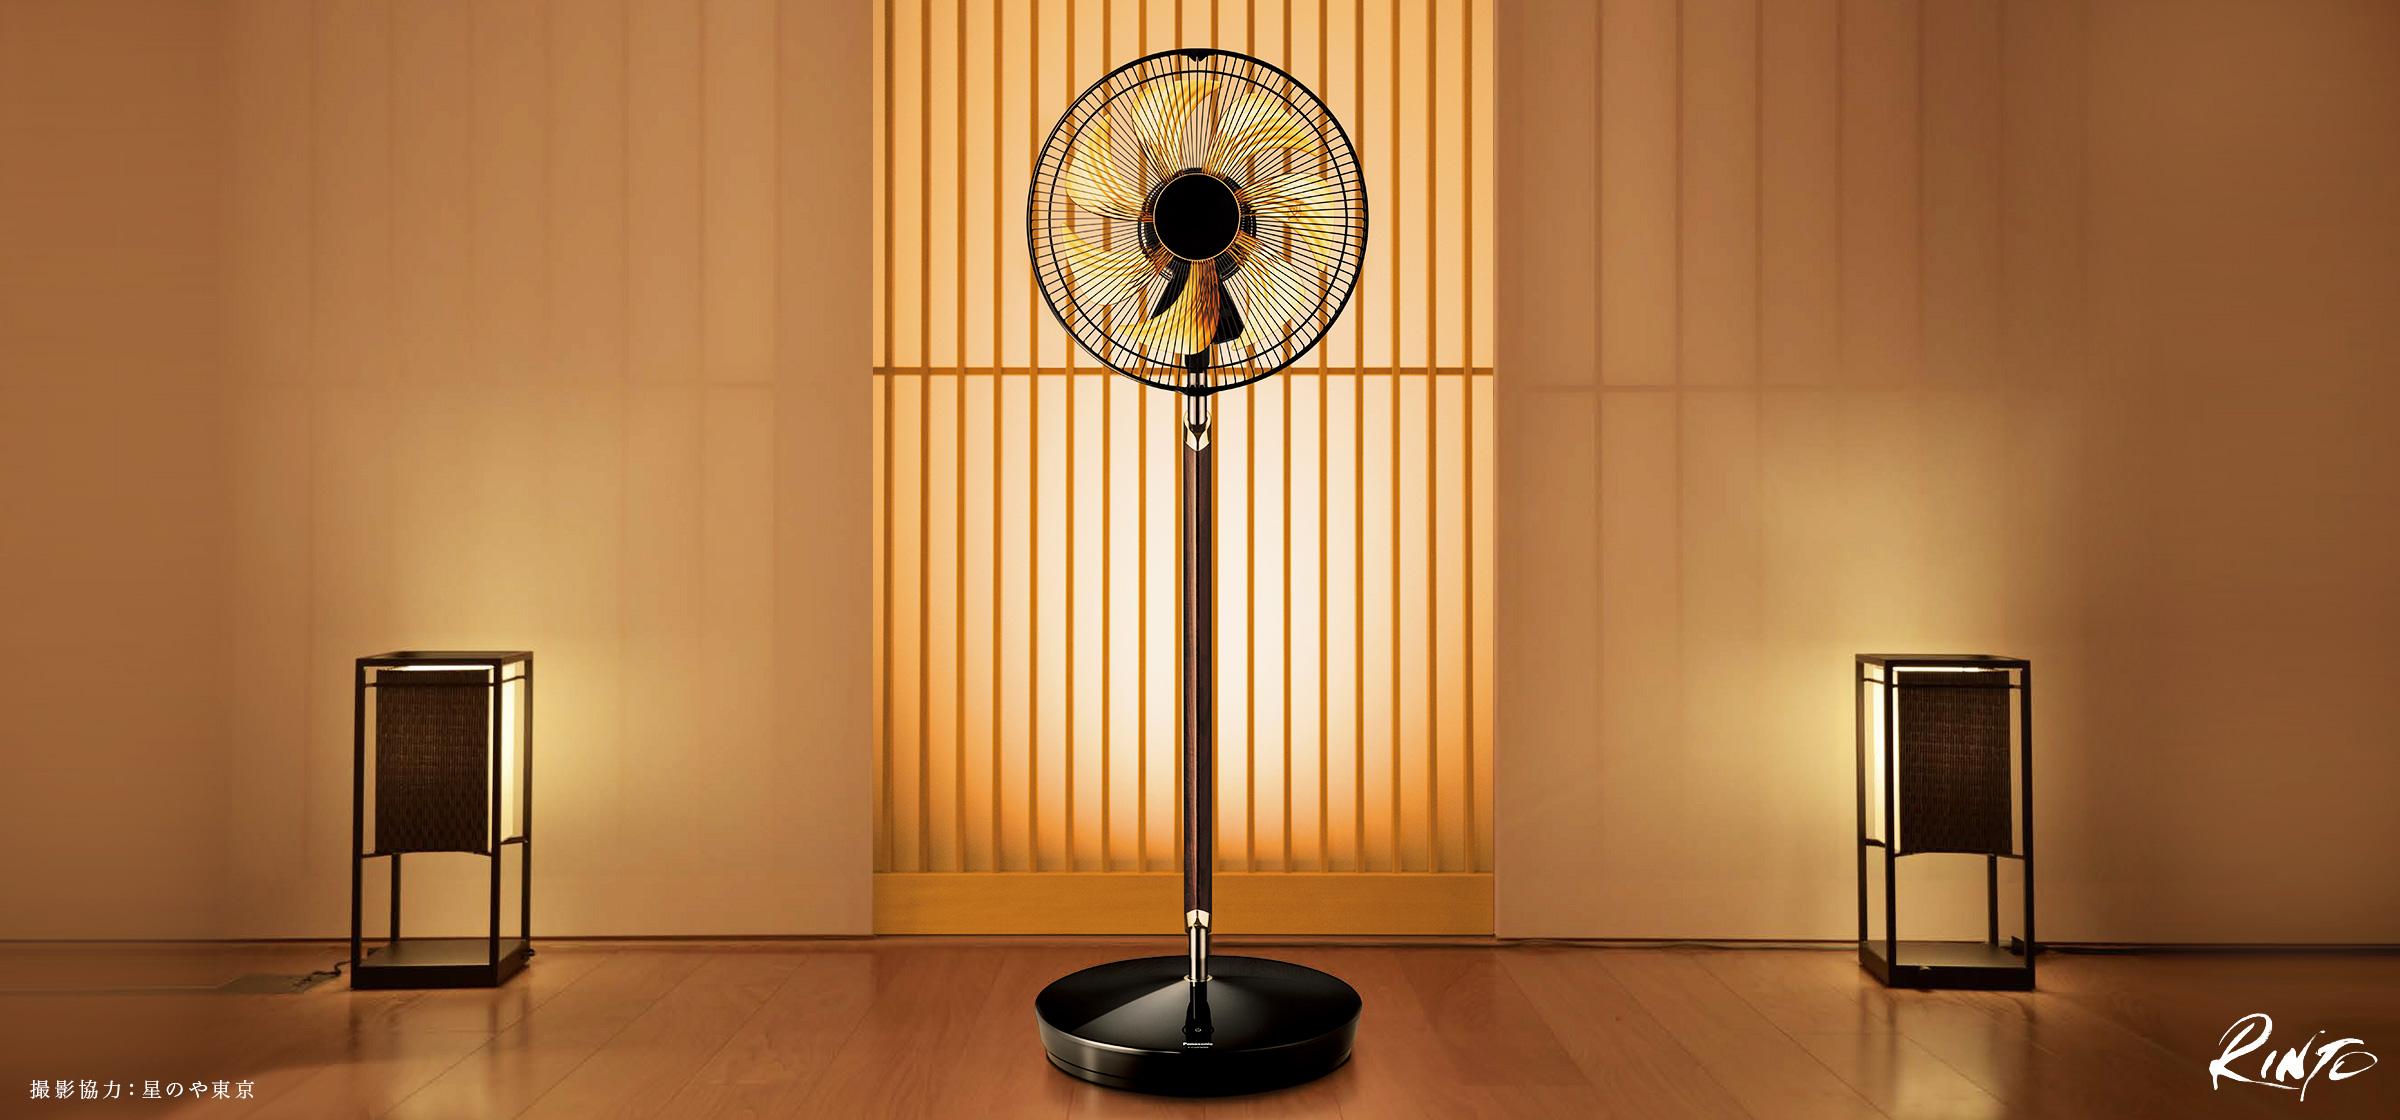 パナソニック 扇風機 RINTO 高級 和室 ウォールナット インテリア コーディネート例